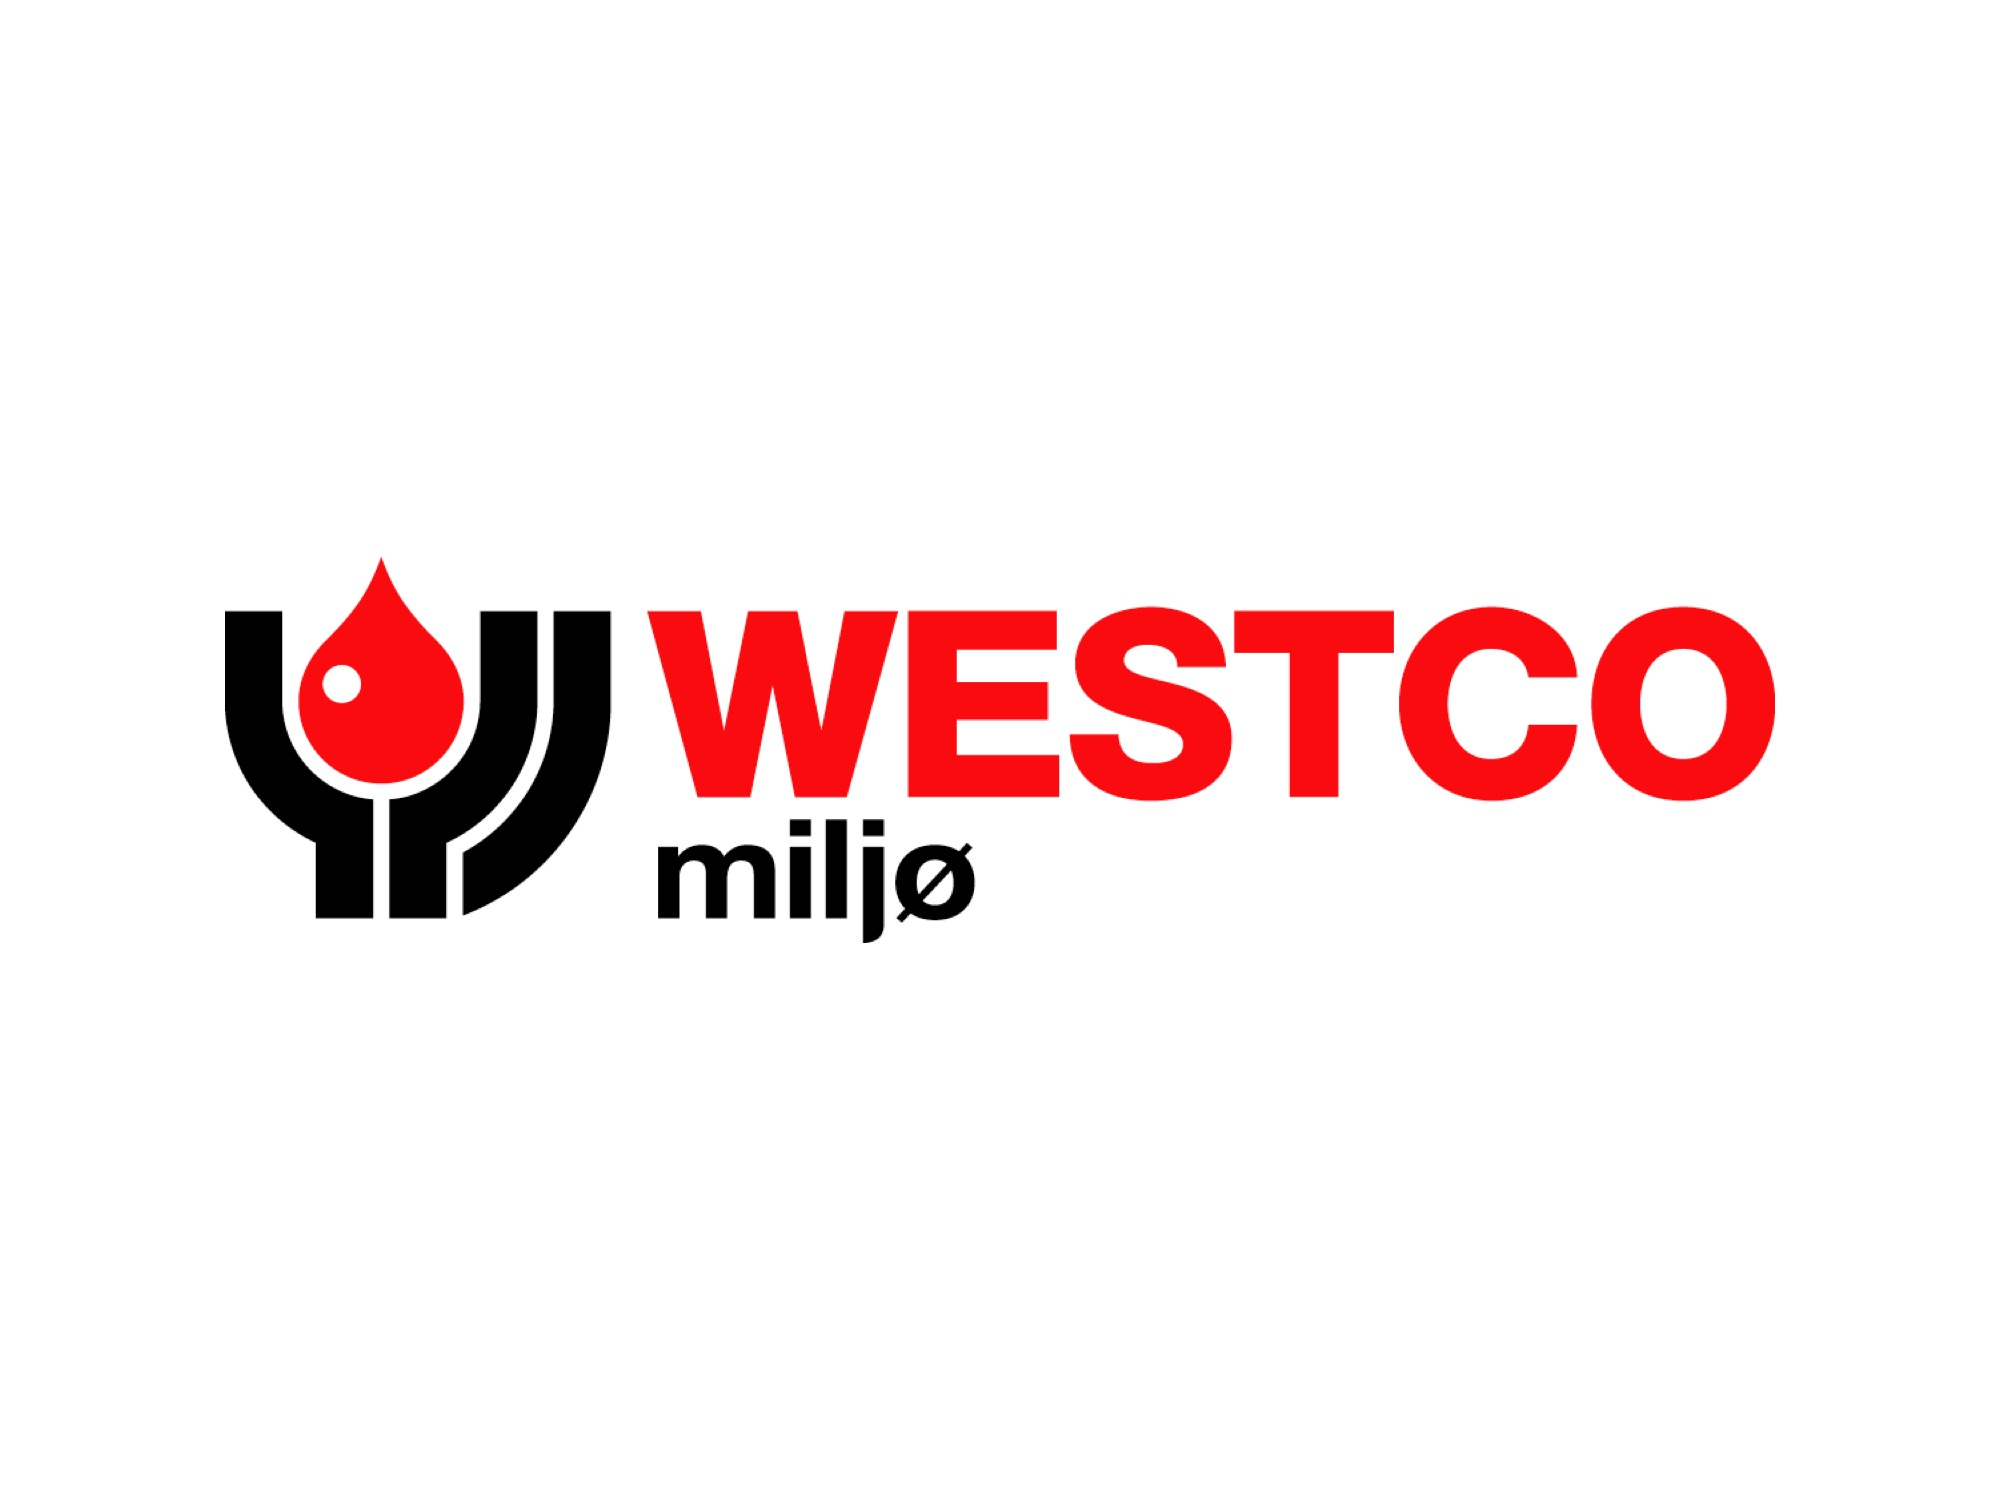 Westco.jpg